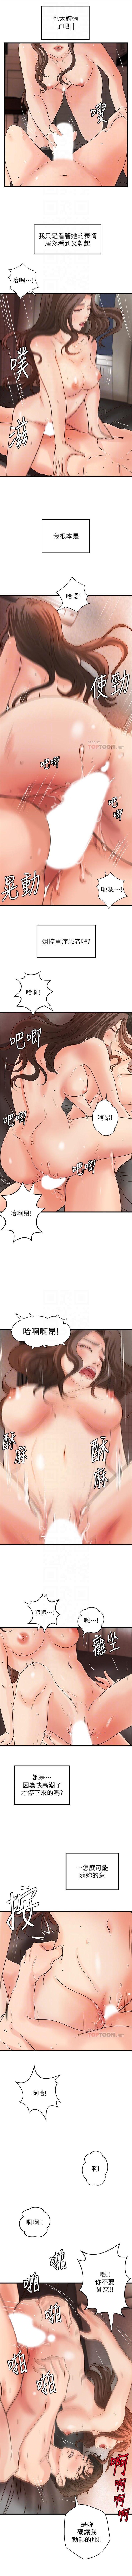 御姐的實戰教學 1-27 官方中文(連載中) 165